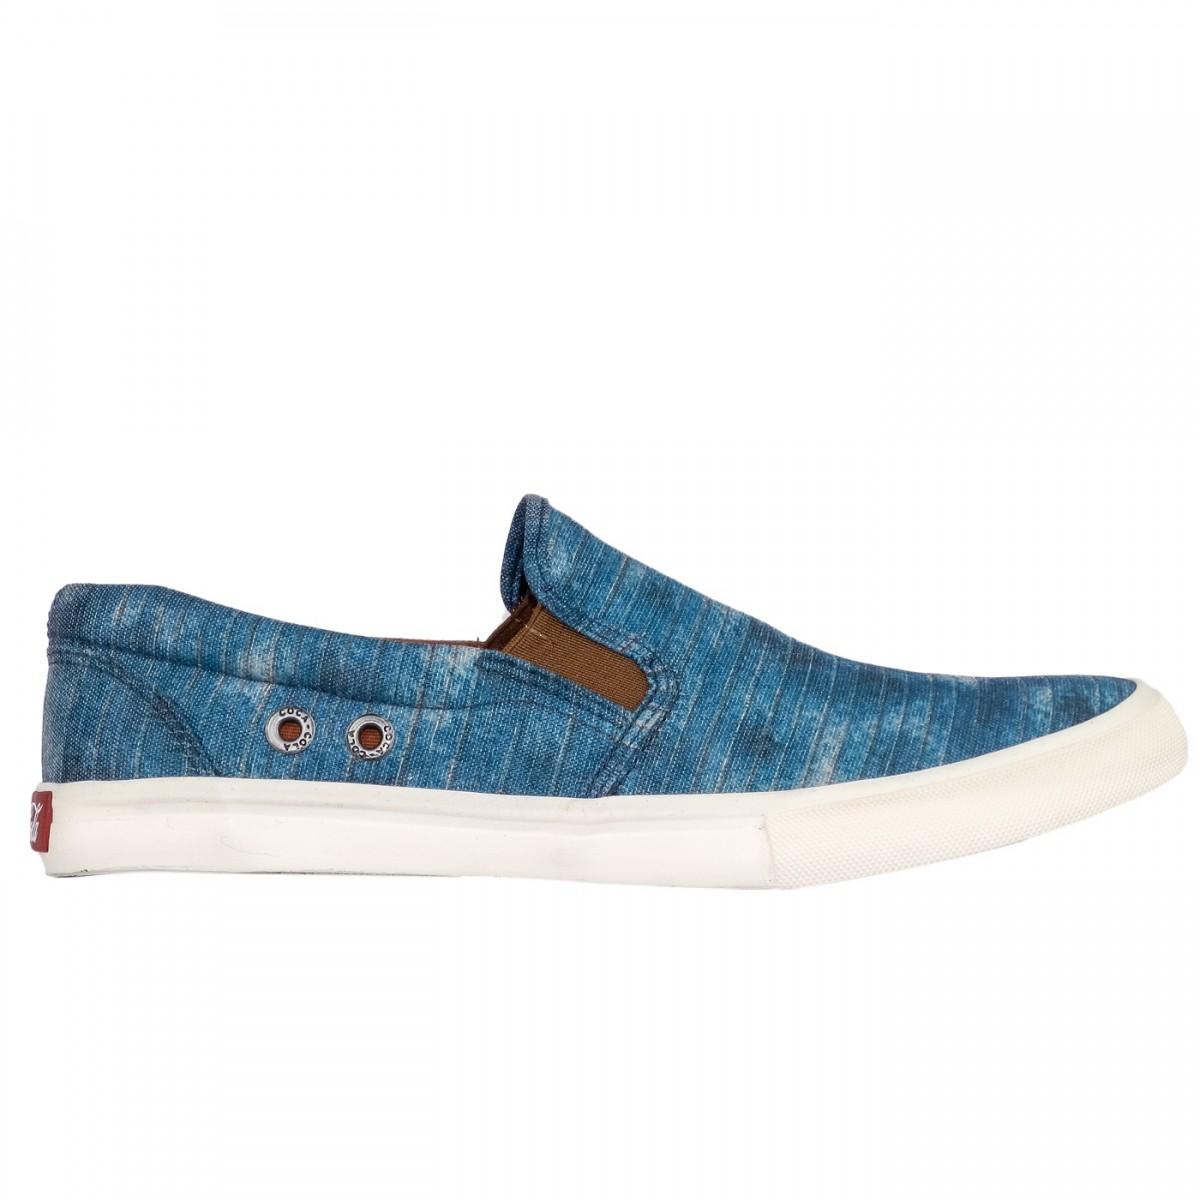 4a8ee47050 Bizz Store - Tênis Masculino Coca-Cola Iate Vip Jeans Azul